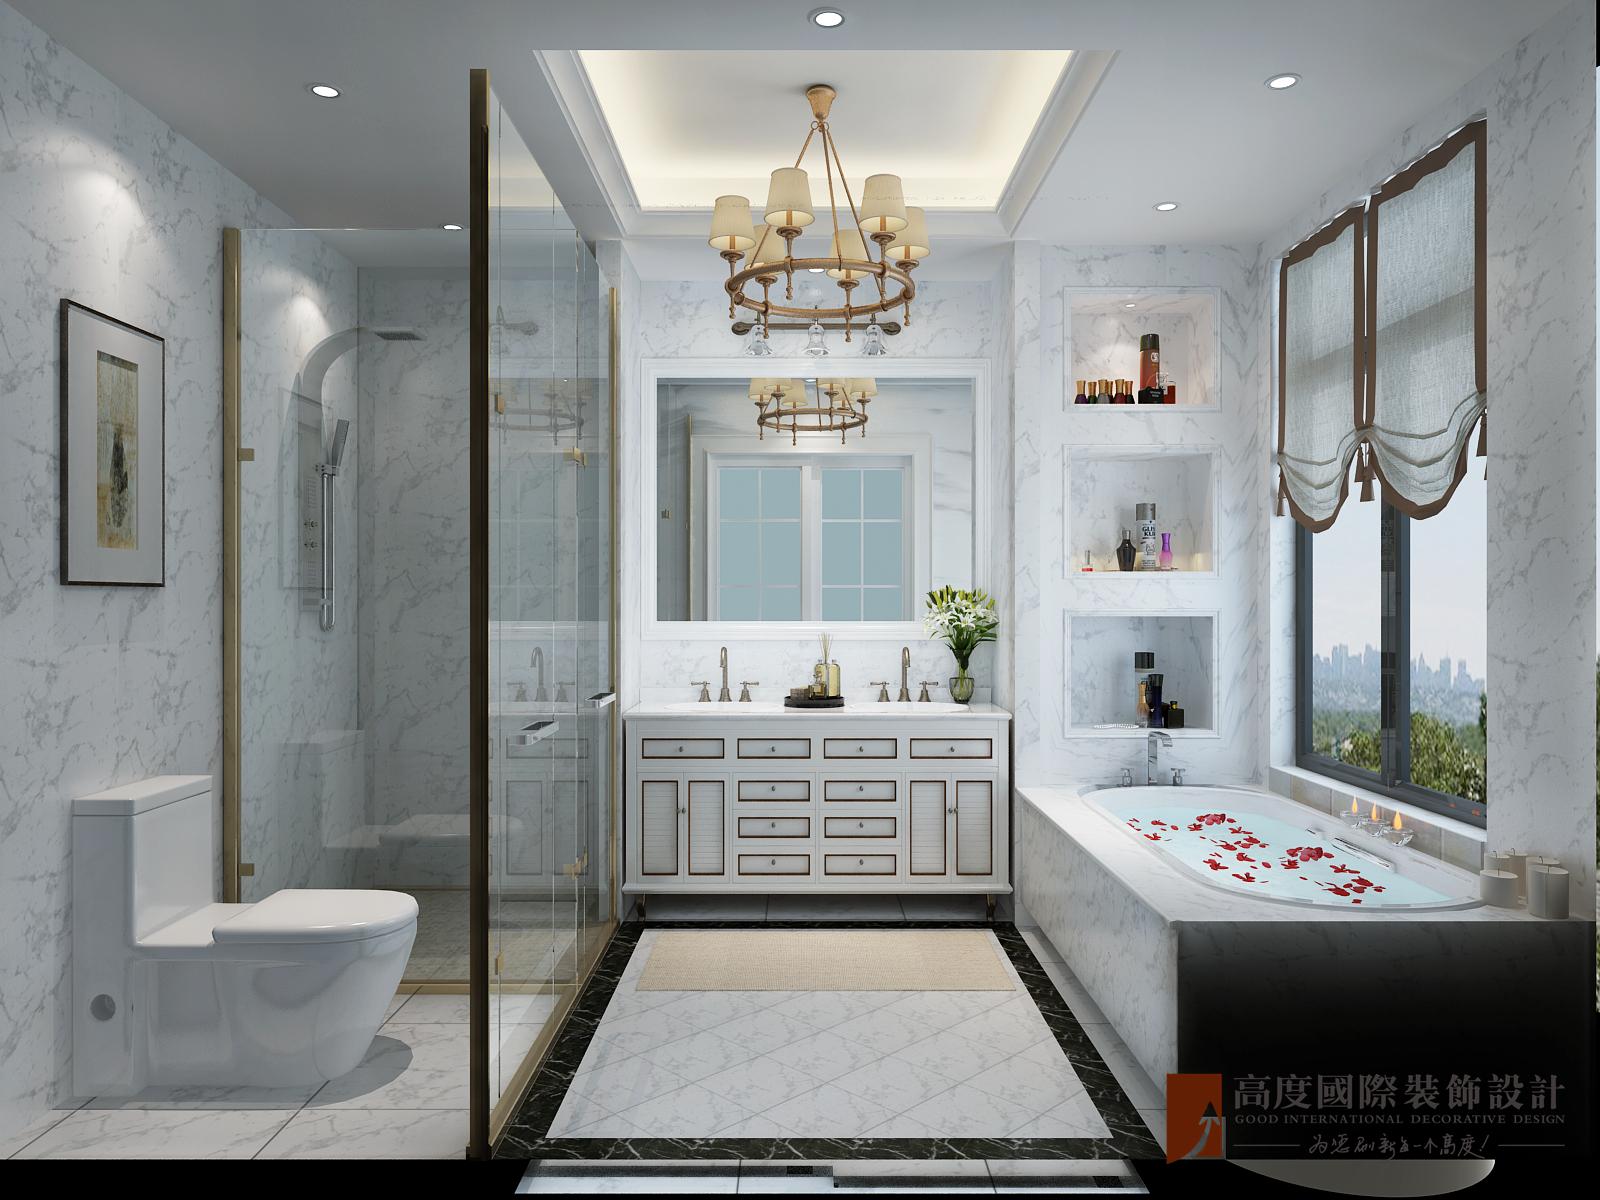 美式 别墅 跃层 复式 大户型 80后 小资 卫生间图片来自高度国际姚吉智在金地中央世家600平米简美风格的分享